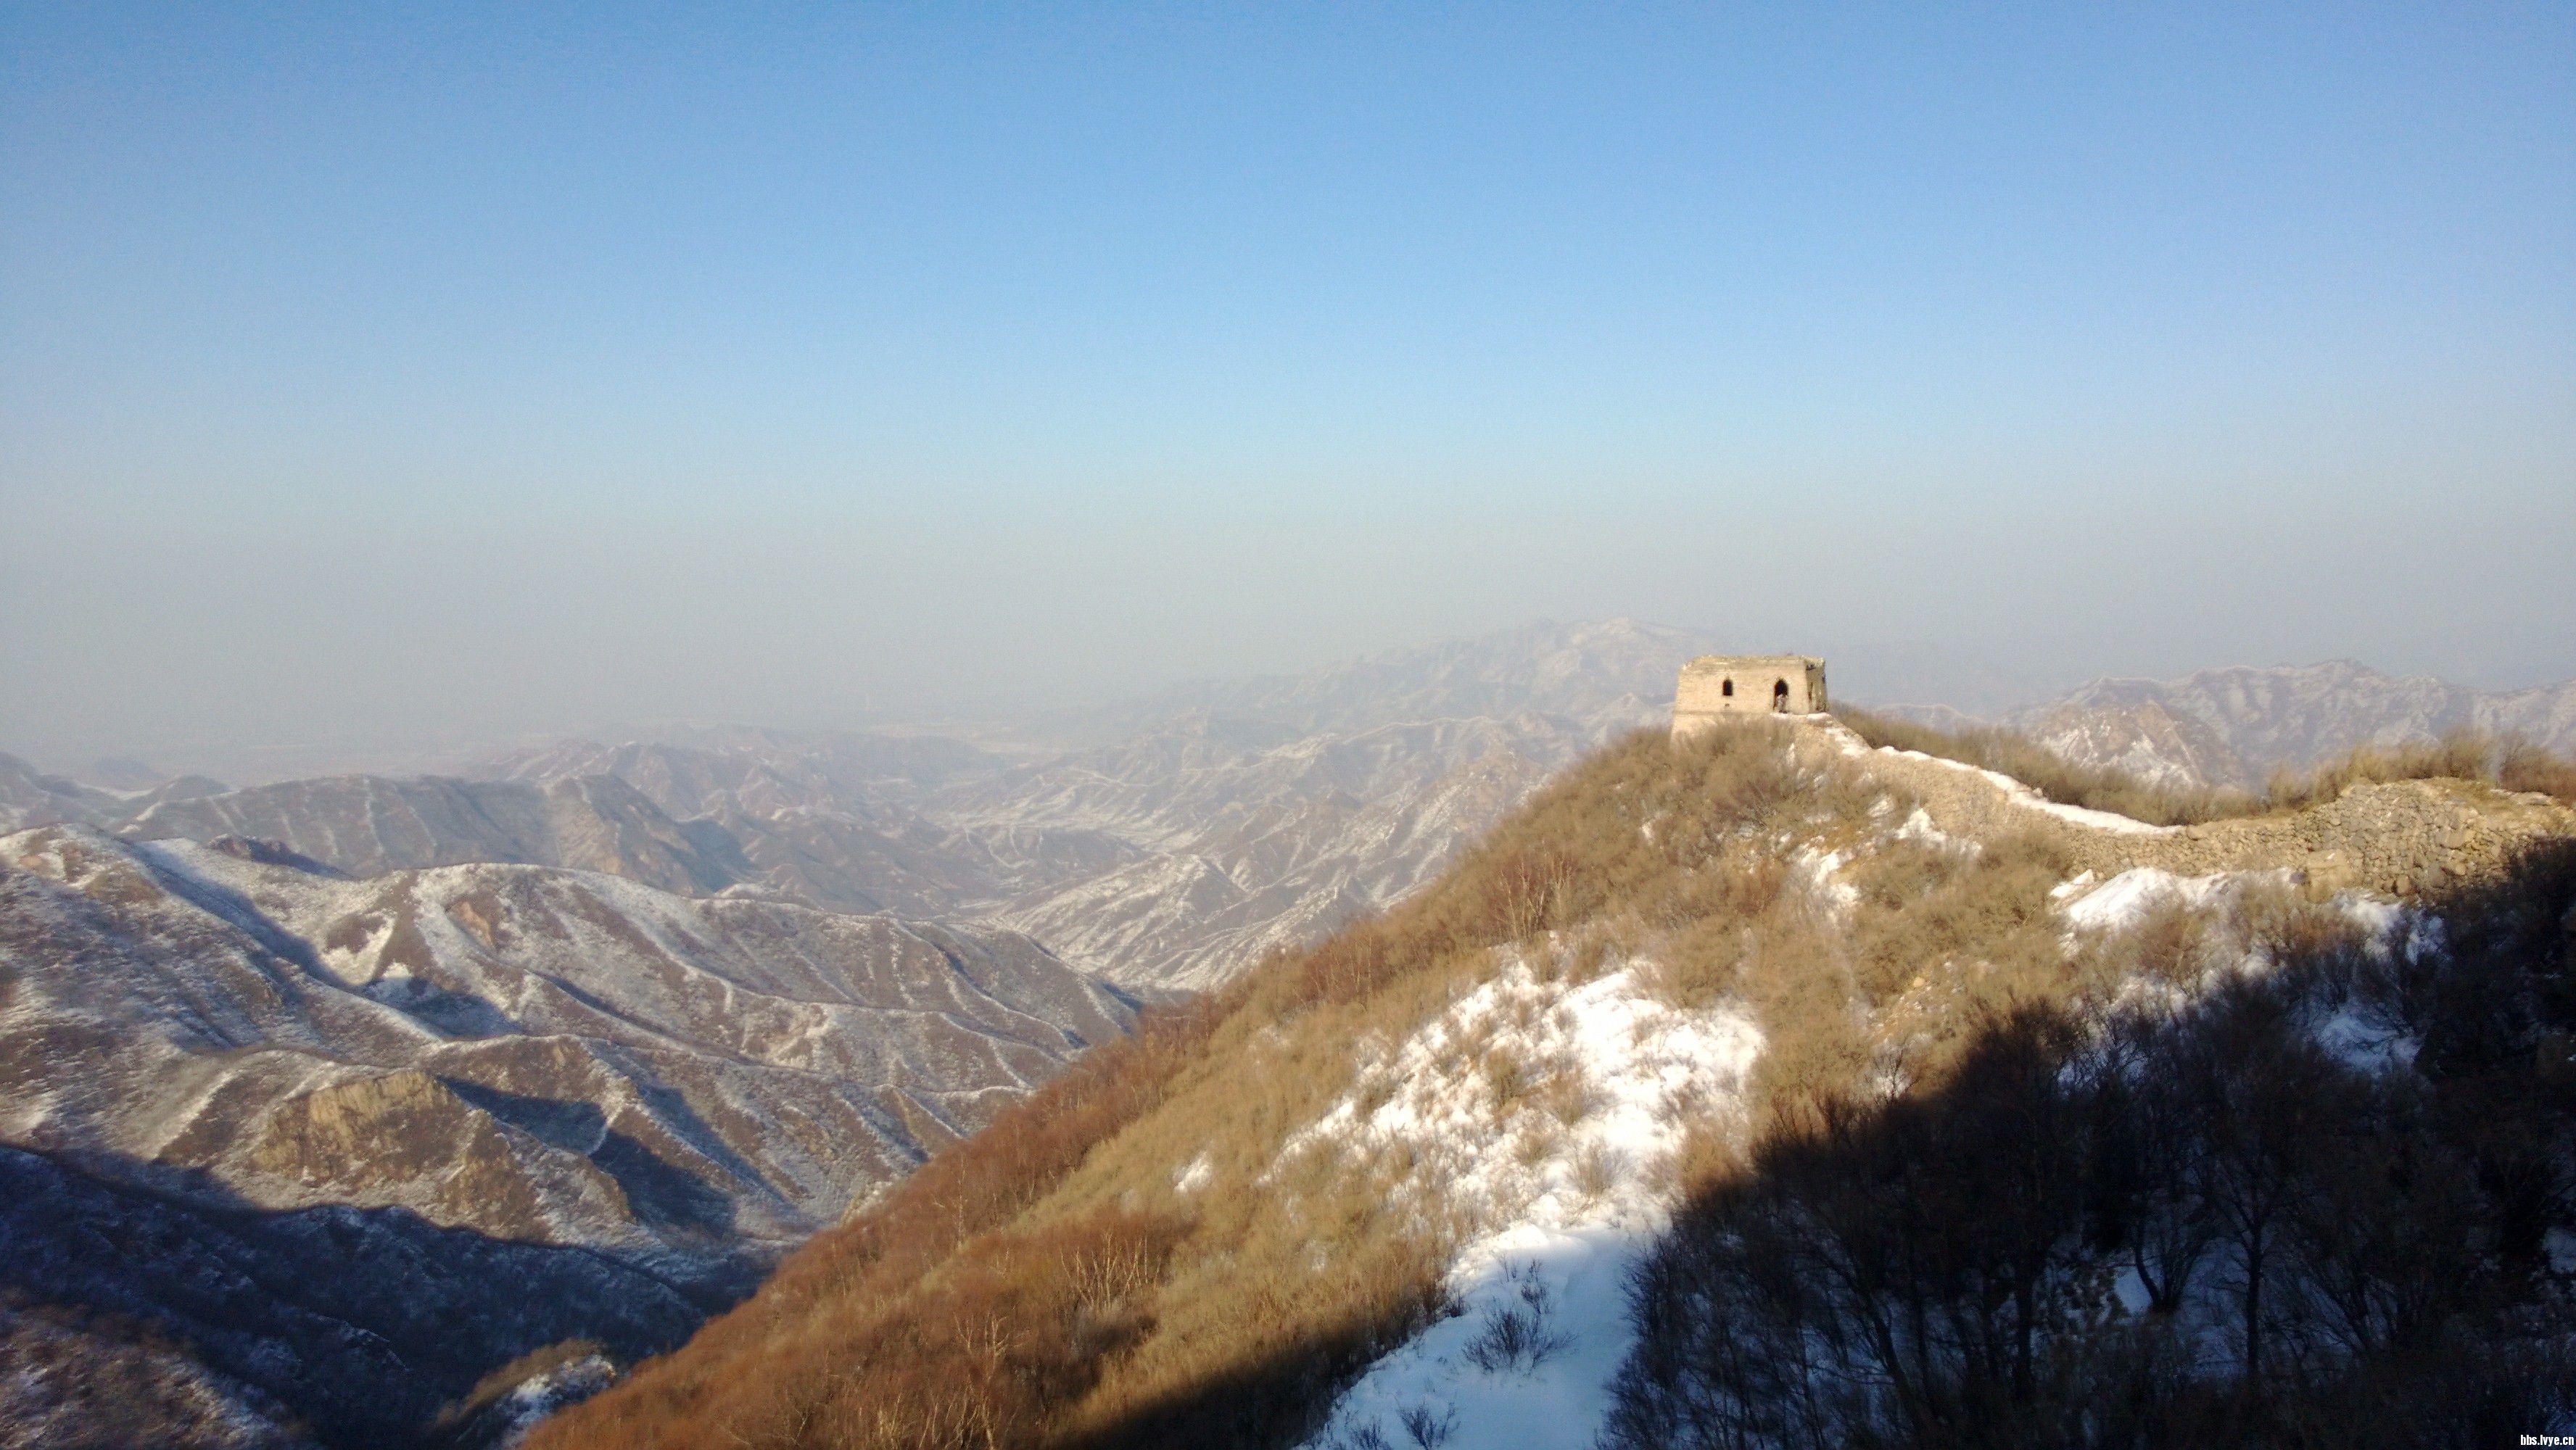 【f哥户外】11月17日(周六)黄楼院-高楼-长峪城,一日长城赏雪,穿越